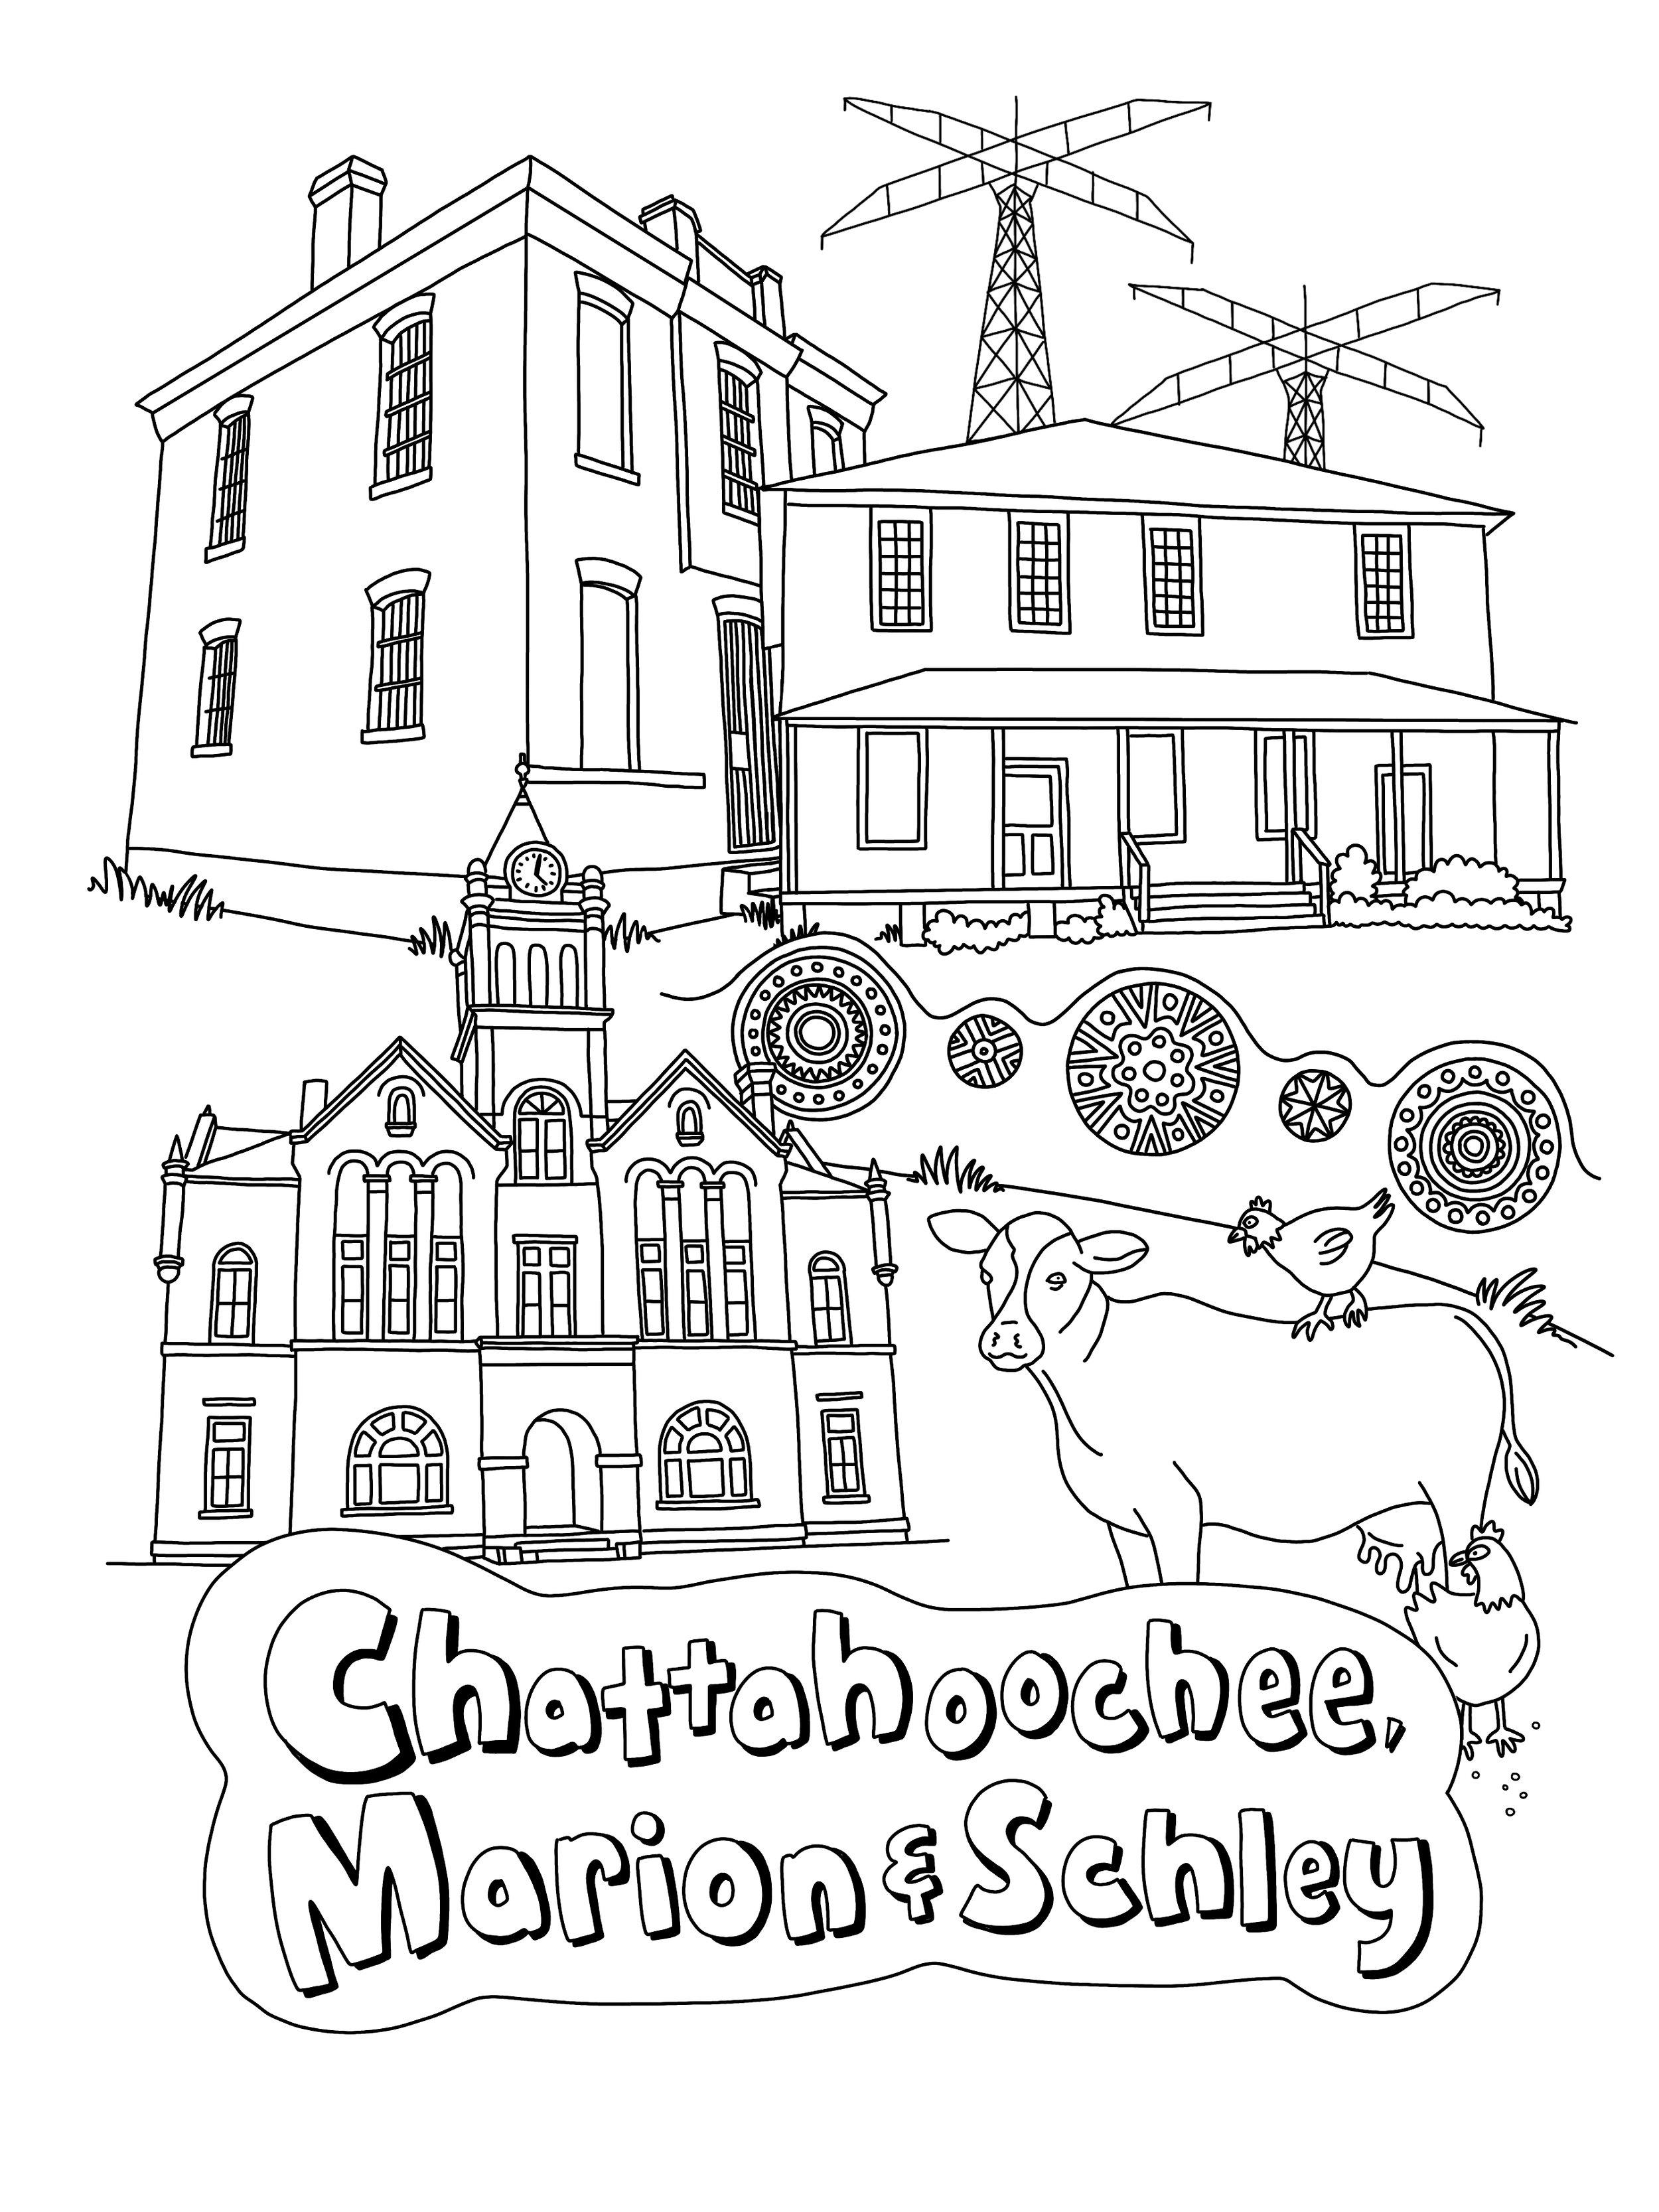 Chattahoochee Marion Schley.jpg